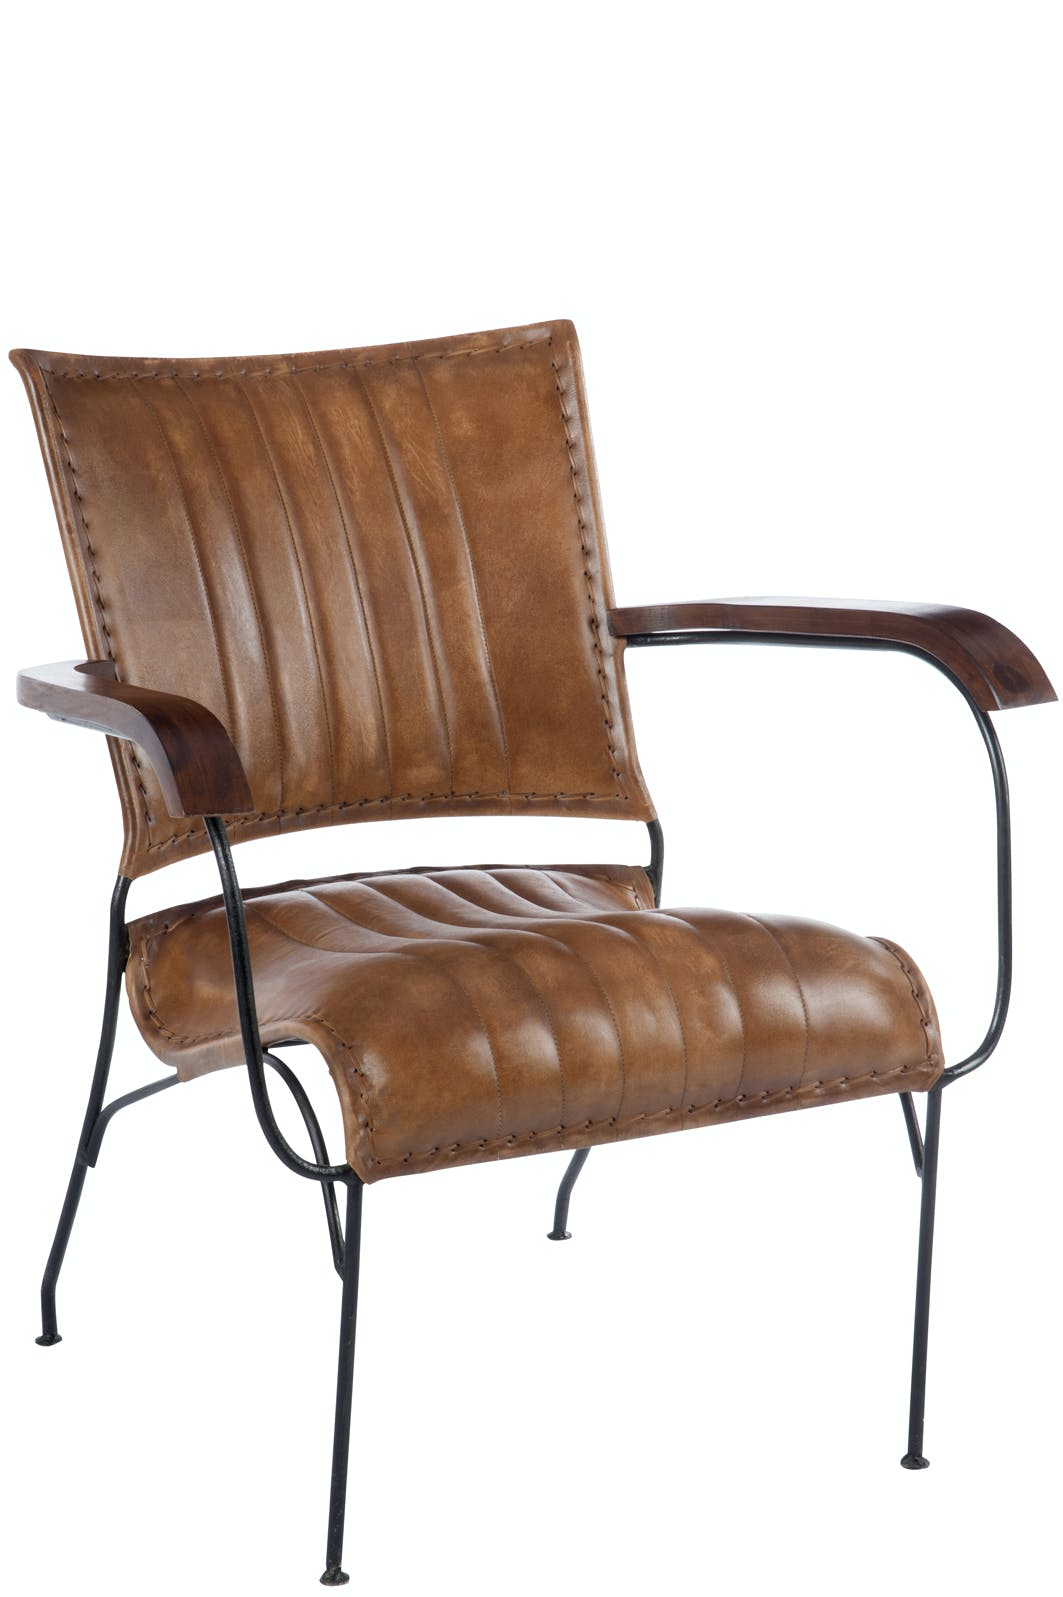 Fauteuil rétro en cuir cognac et métal - 62x65x74cm